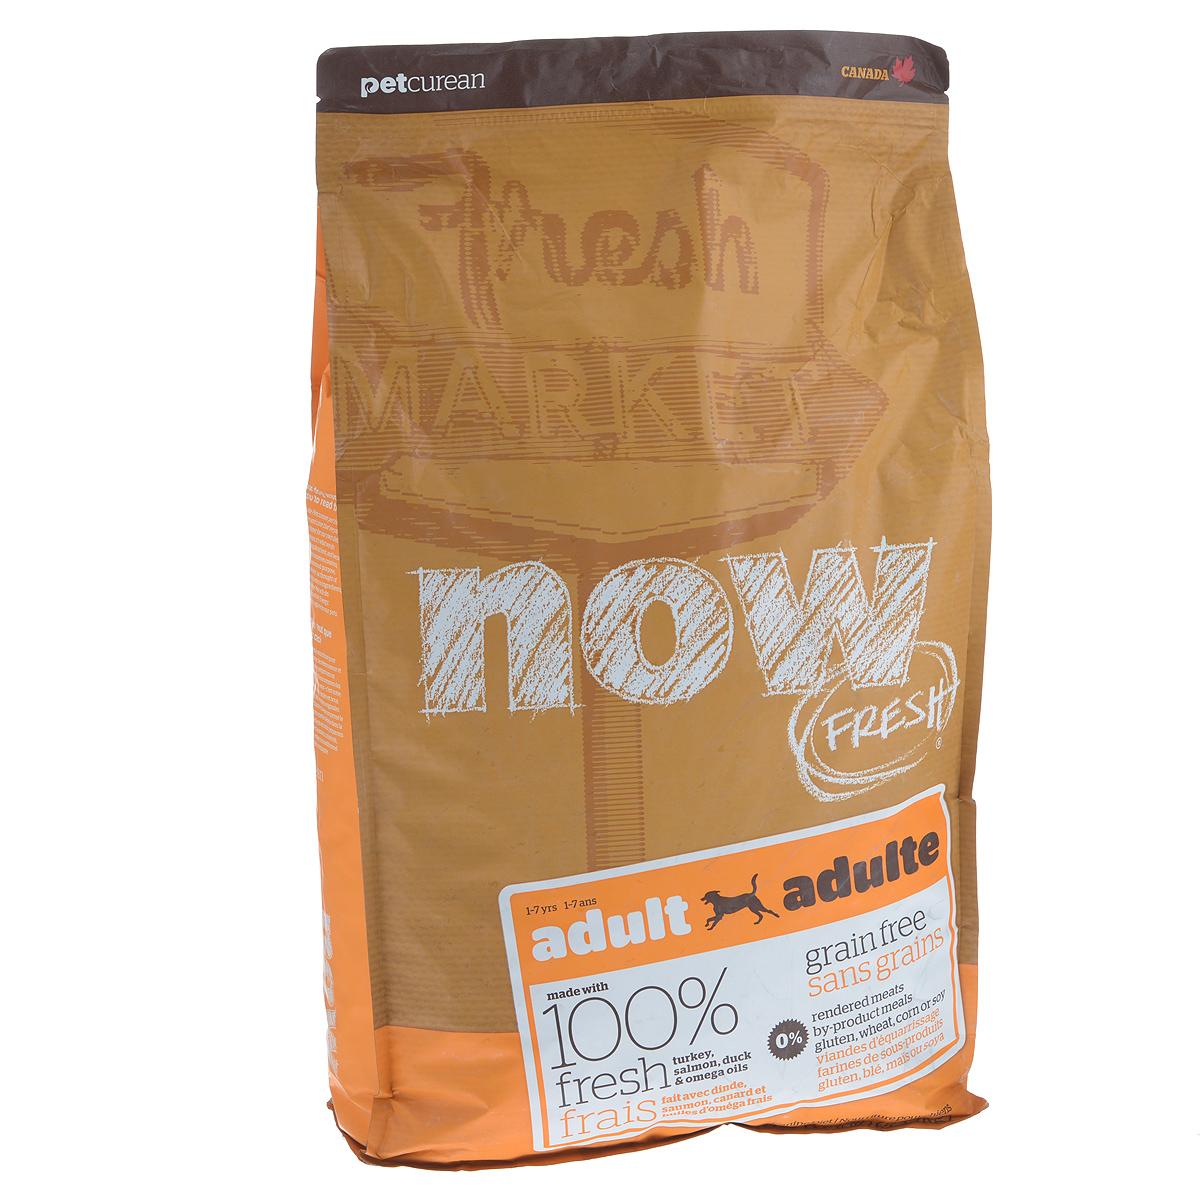 Корм сухой Now Fresh для взрослых собак, беззерновой, с индейкой, уткой и овощами, 5,44 кг10122Now Fresh - полностью сбалансированный холистик корм из свежего филе индейки и утки, выращенных на канадских фермах, из лосося без костей, выловленного в озерах Британской Колумбии для взрослых собак всех пород. Это первый беззерновой корм со сбалансированным содержание белков и жиров. Ключевые преимущества: - не содержит субпродуктов, красителей, говядины, мясных ингредиентов, выращенных на гормонах, - омега-масла в составе необходимы для здоровой кожи и шерсти, - пробиотики и пребиотики обеспечивают здоровое пищеварение, - антиоксиданты укрепляют иммунную систему. Состав: филе индейки, картофель, горох, яблоки, свежие цельные яйца, томаты, картофельная мука, льняное масло, рапсовое масло (источник витамина Е), натуральный ароматизатор, утиное филе, филе лосося, сушеная люцерна, кокосовое масло (источник витамина Е), морковь, тыква, бананы, черника, клюква, малина, ежевика, папайя, ананас, грейпфрут, чечевица, ...